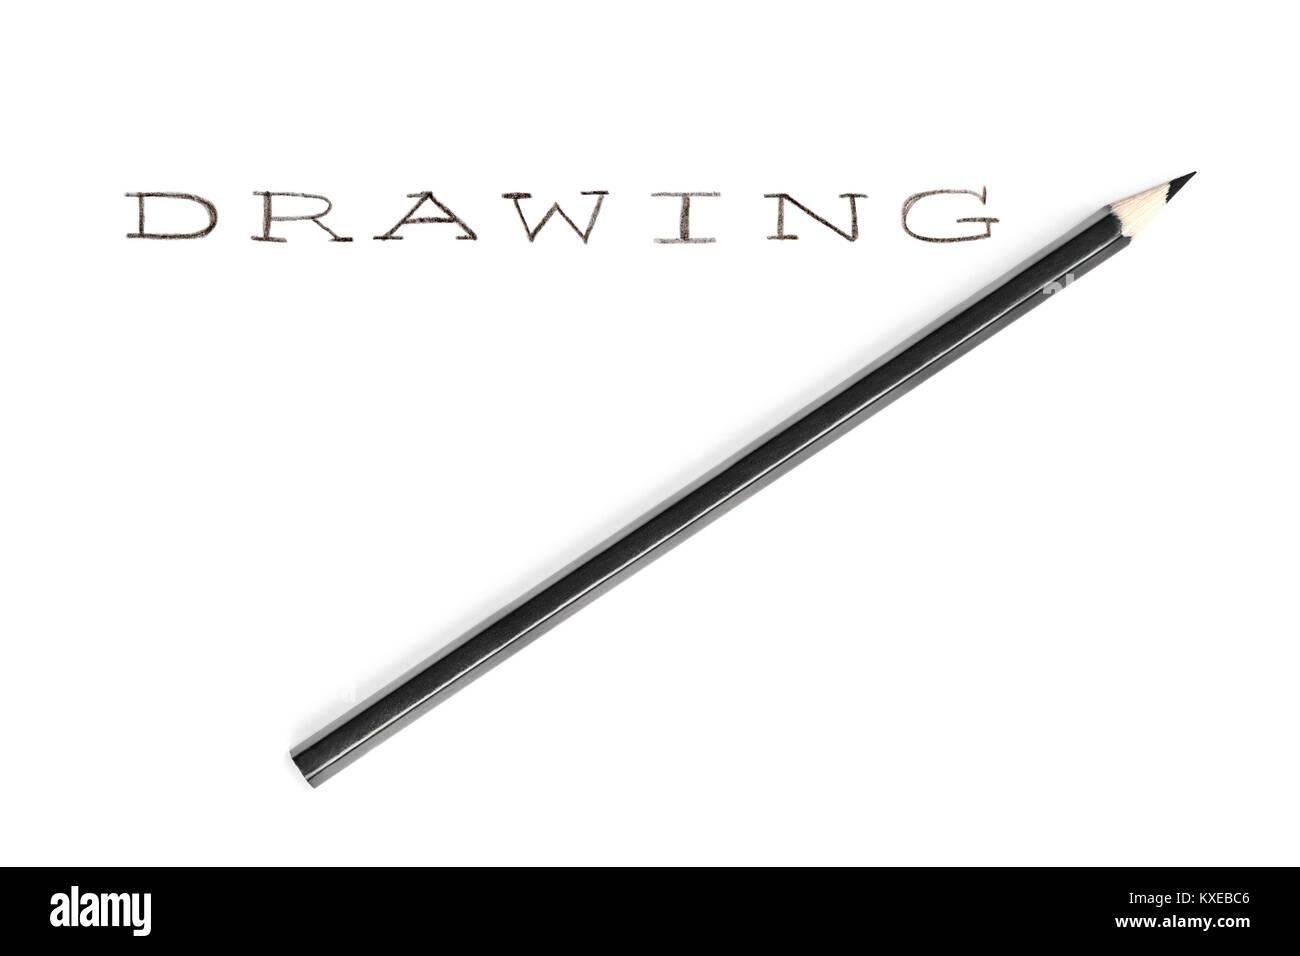 Scritta a mano con una matita disegno di parola, isolato su sfondo bianco Foto Stock